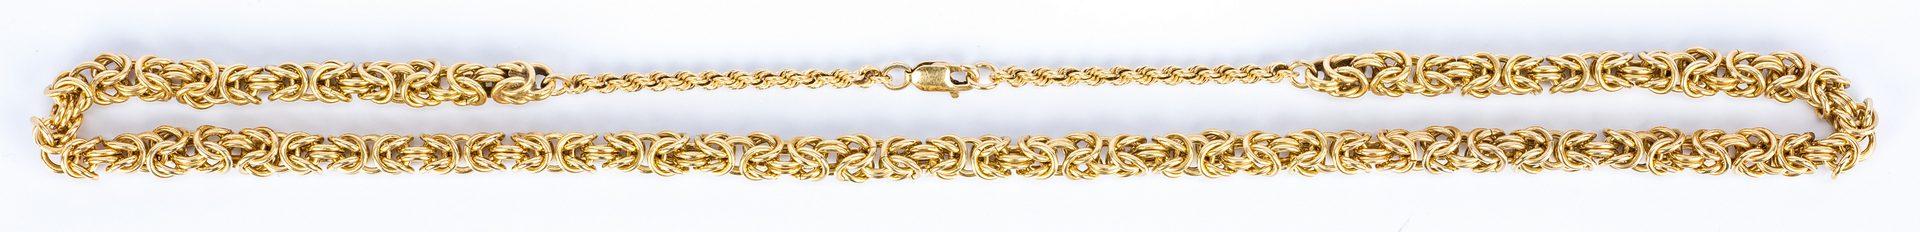 Lot 47: 14K Byzantine Link Necklace, 65.9 grams